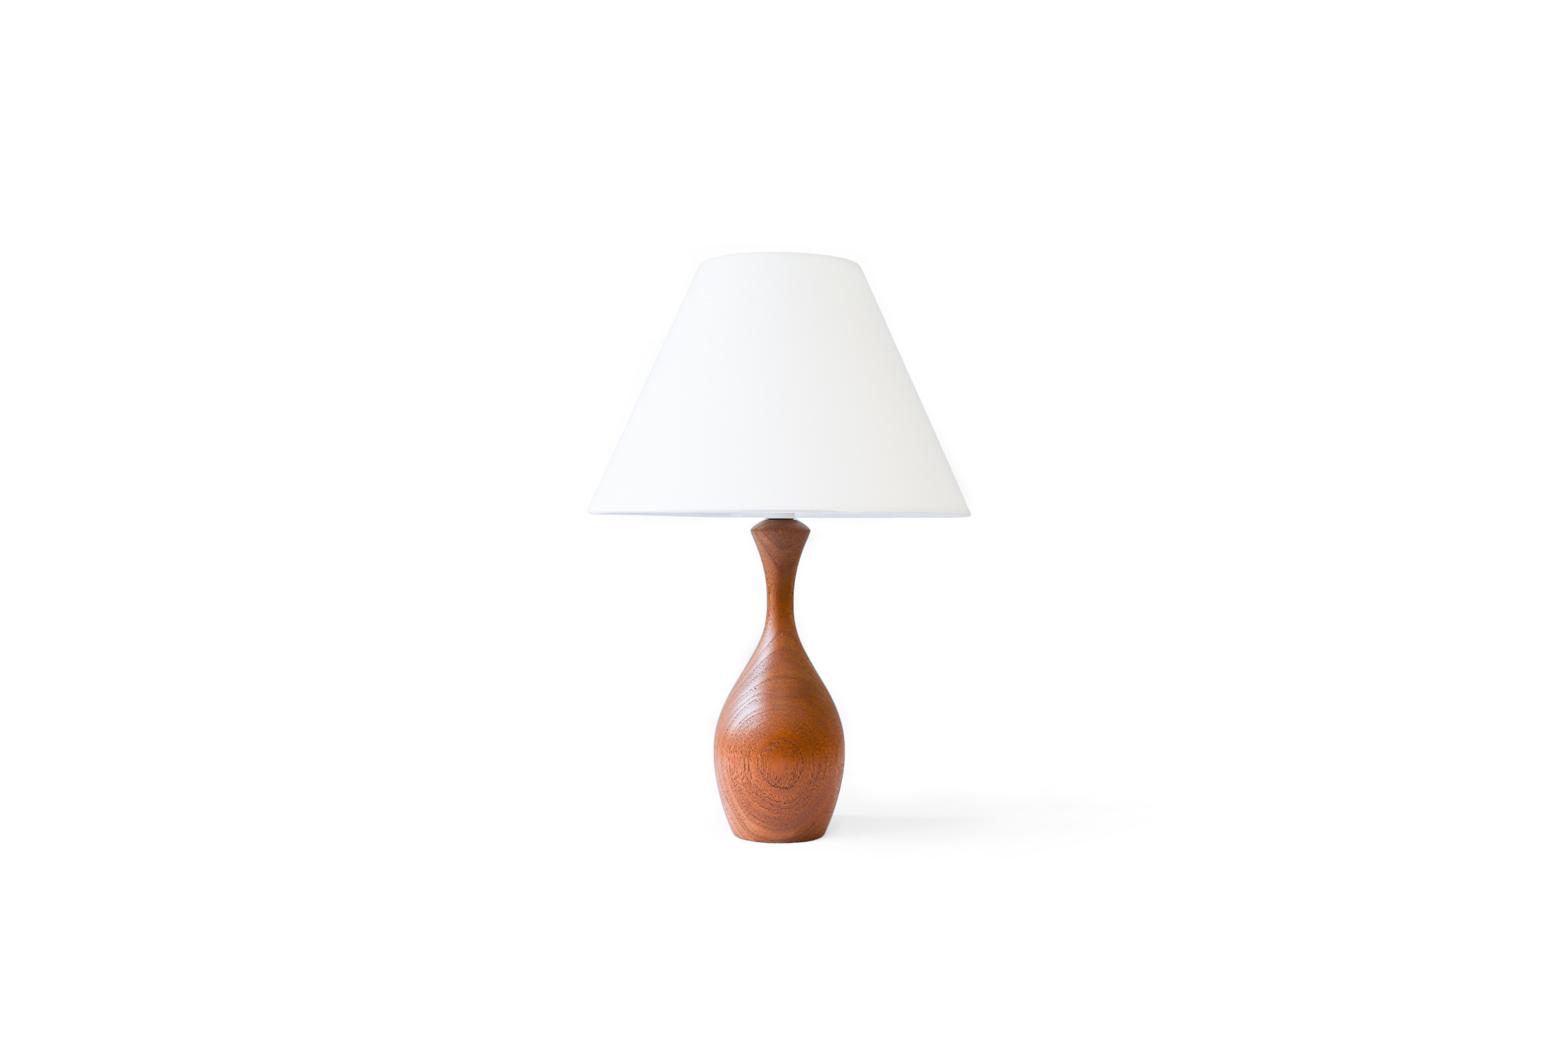 Danish Vintage Teakwood Table Lamp/デンマーク ヴィンテージ テーブルランプ チーク材 照明 北欧インテリア